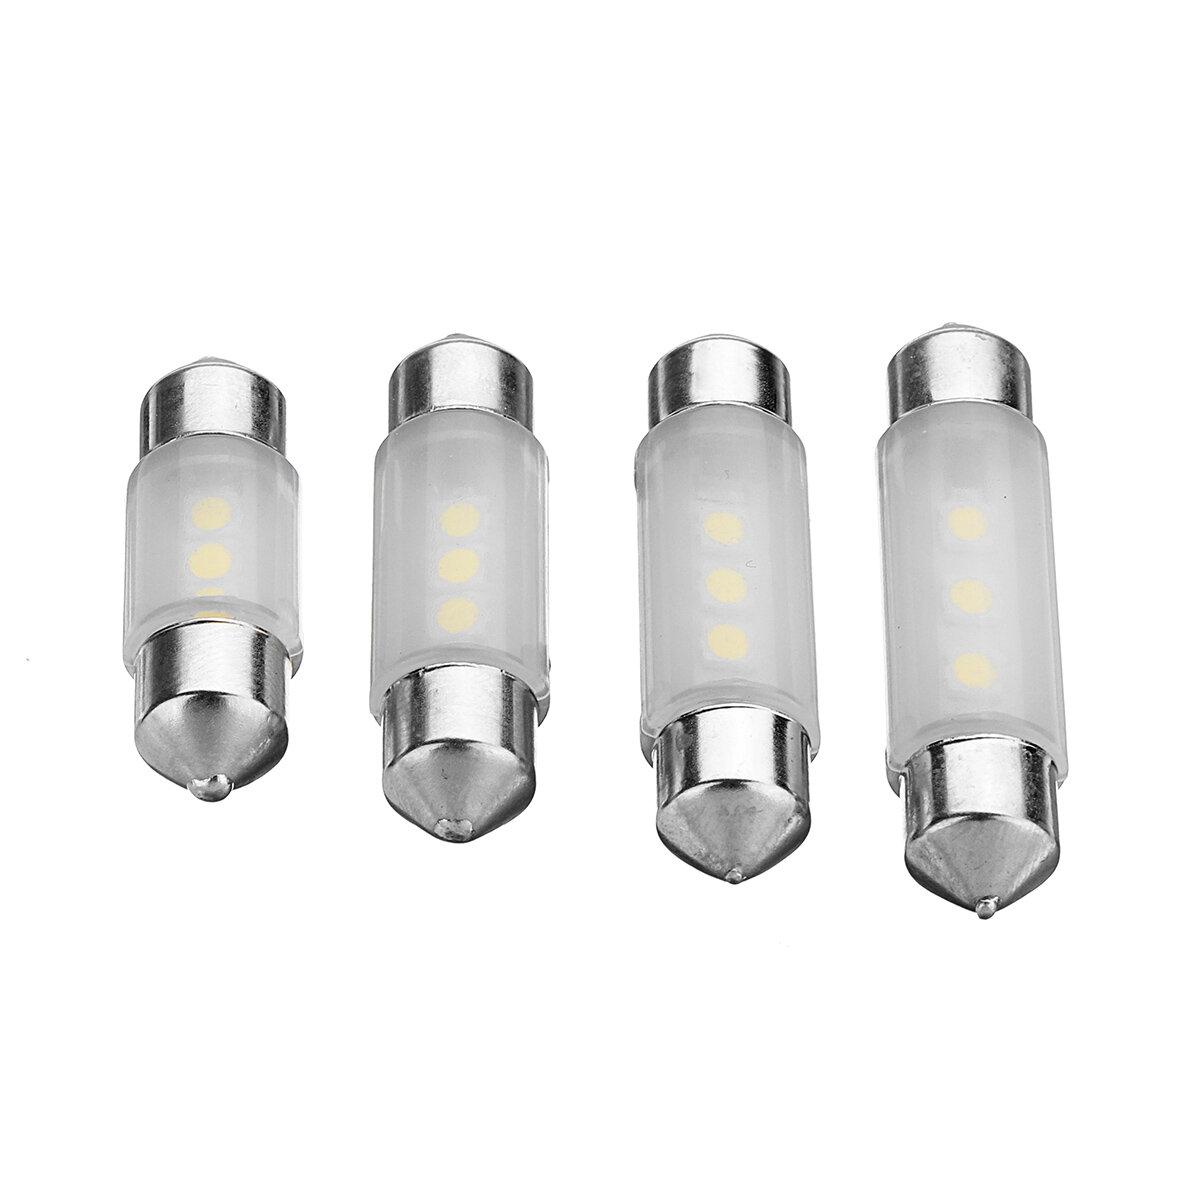 LED Featoon Dome Lampu Mobil Interior Membaca Peta Lampu Plat Putih 31/36/39 / 41mm